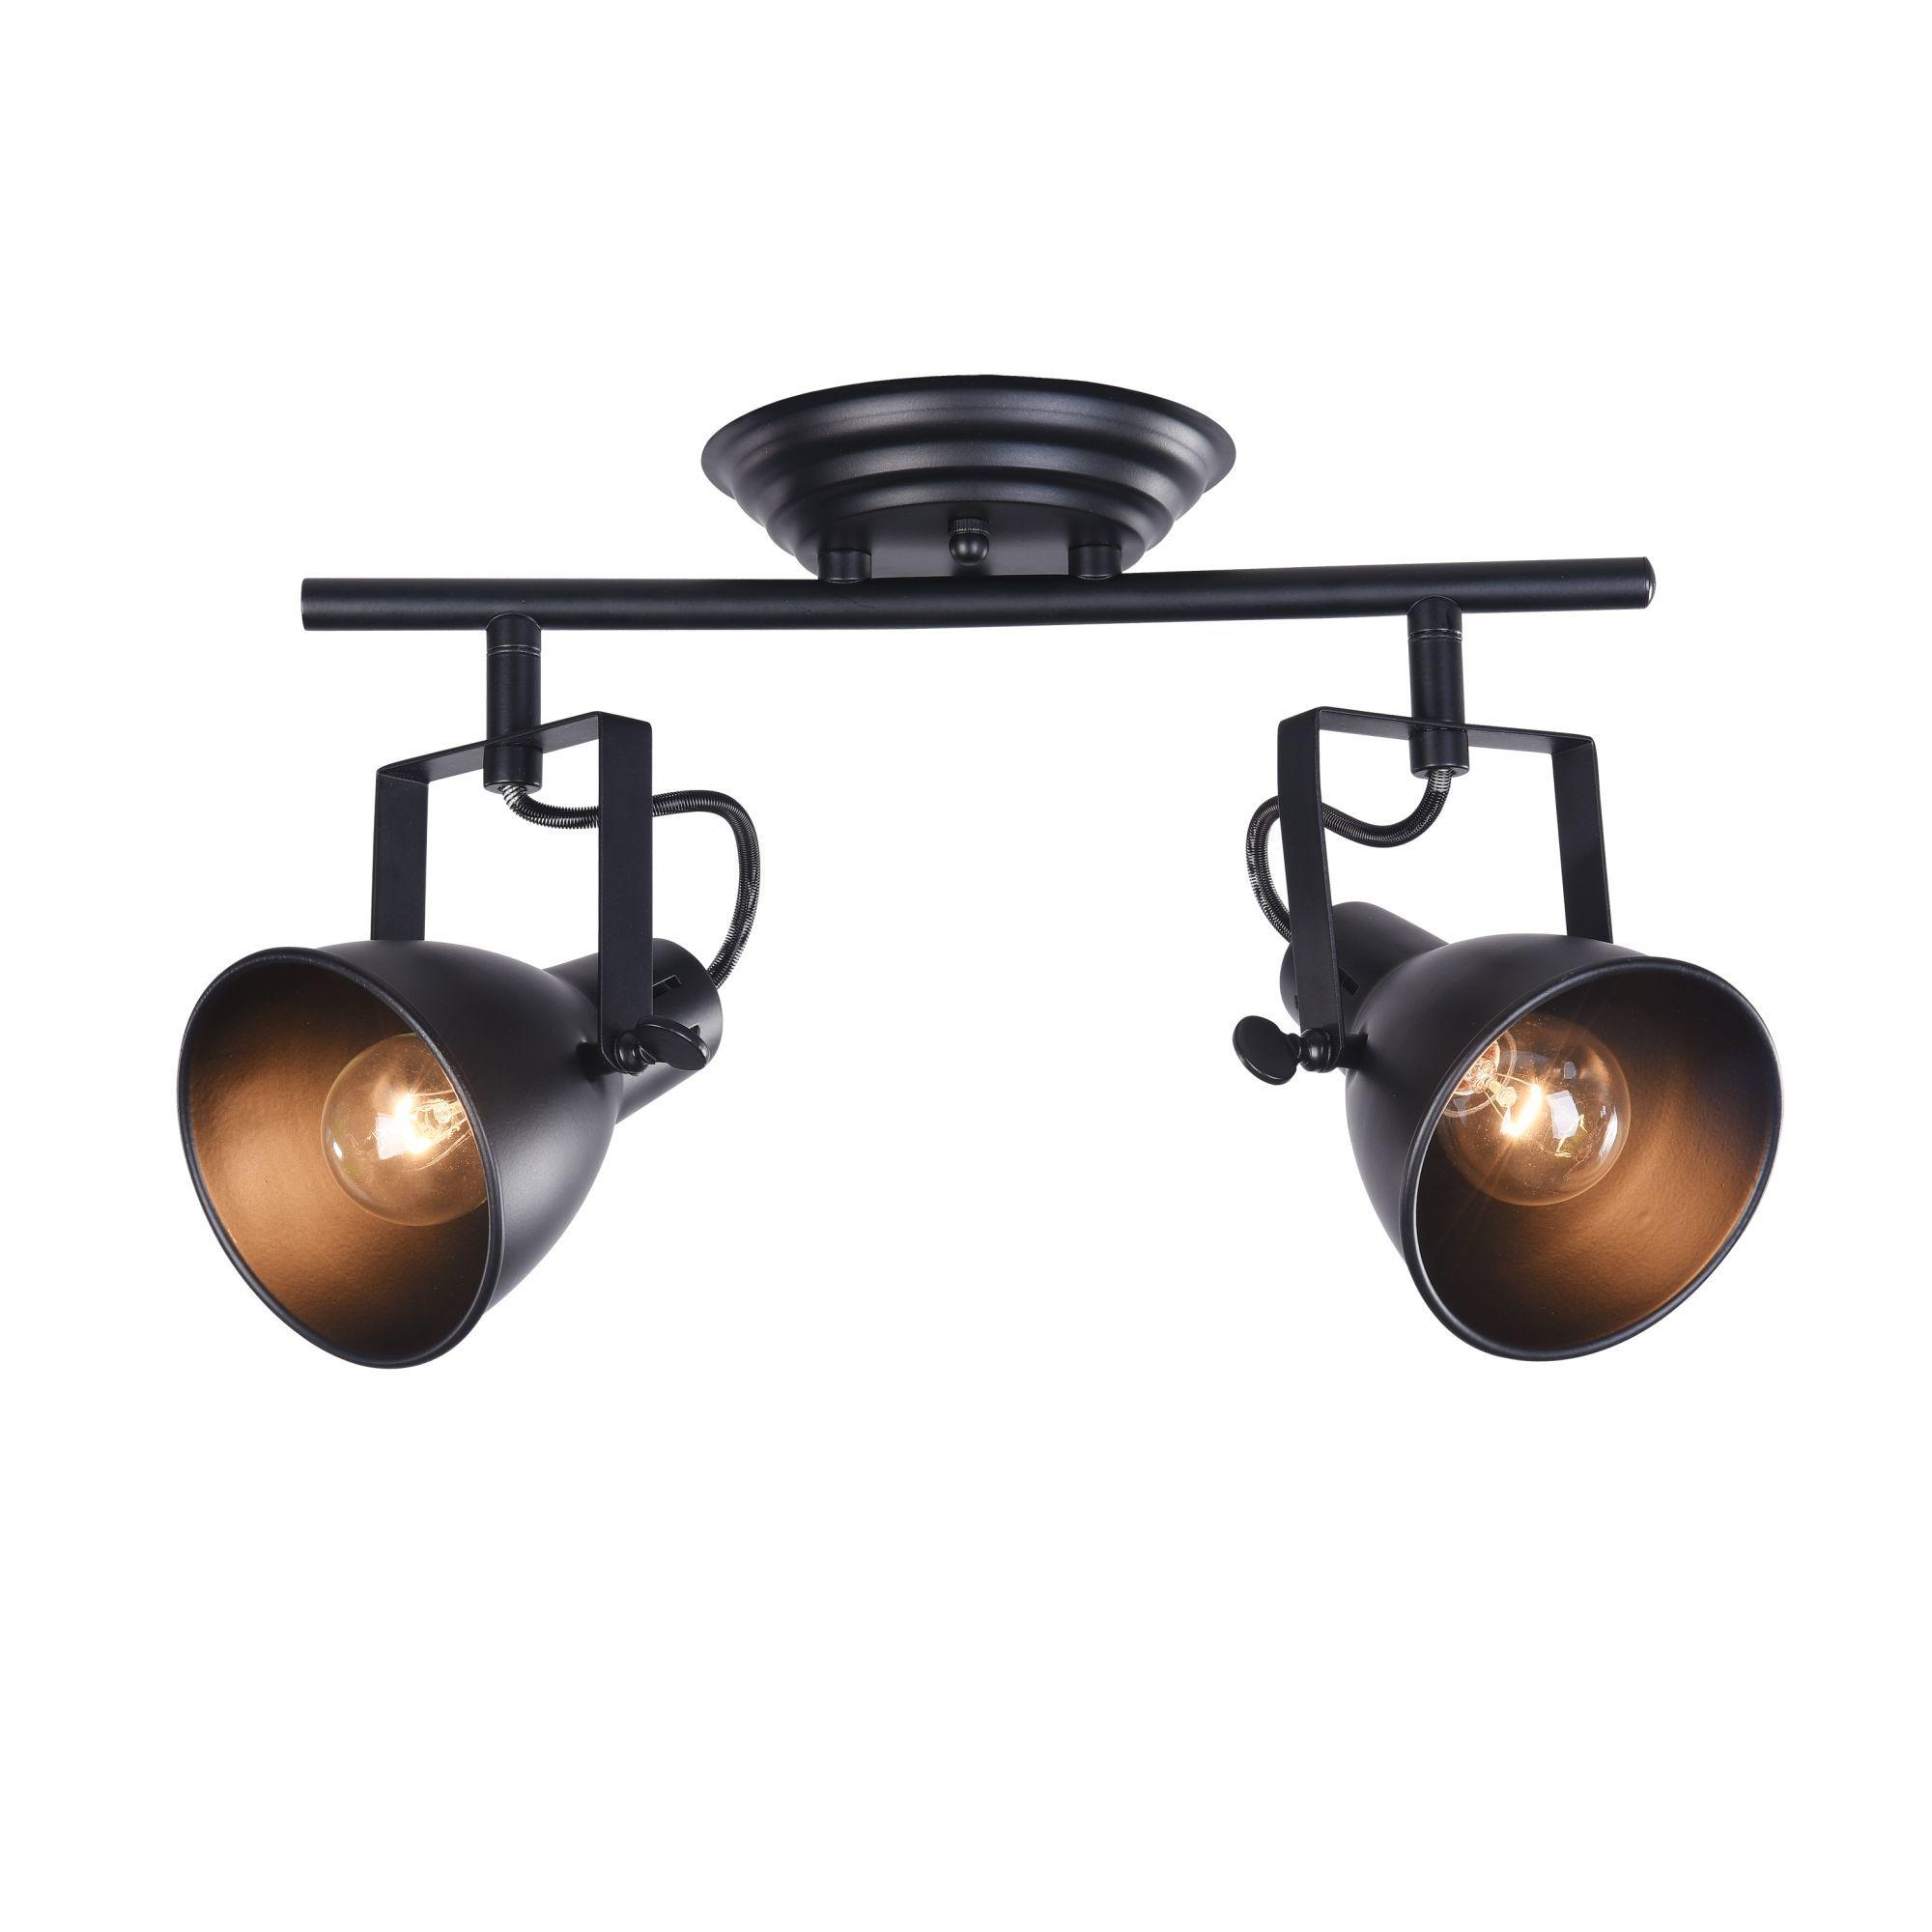 Потолочный светильник с регулировкой направления света Freya Ibbi FR4276-CW-02-B, 2xE14x40W, черный, металл - фото 1